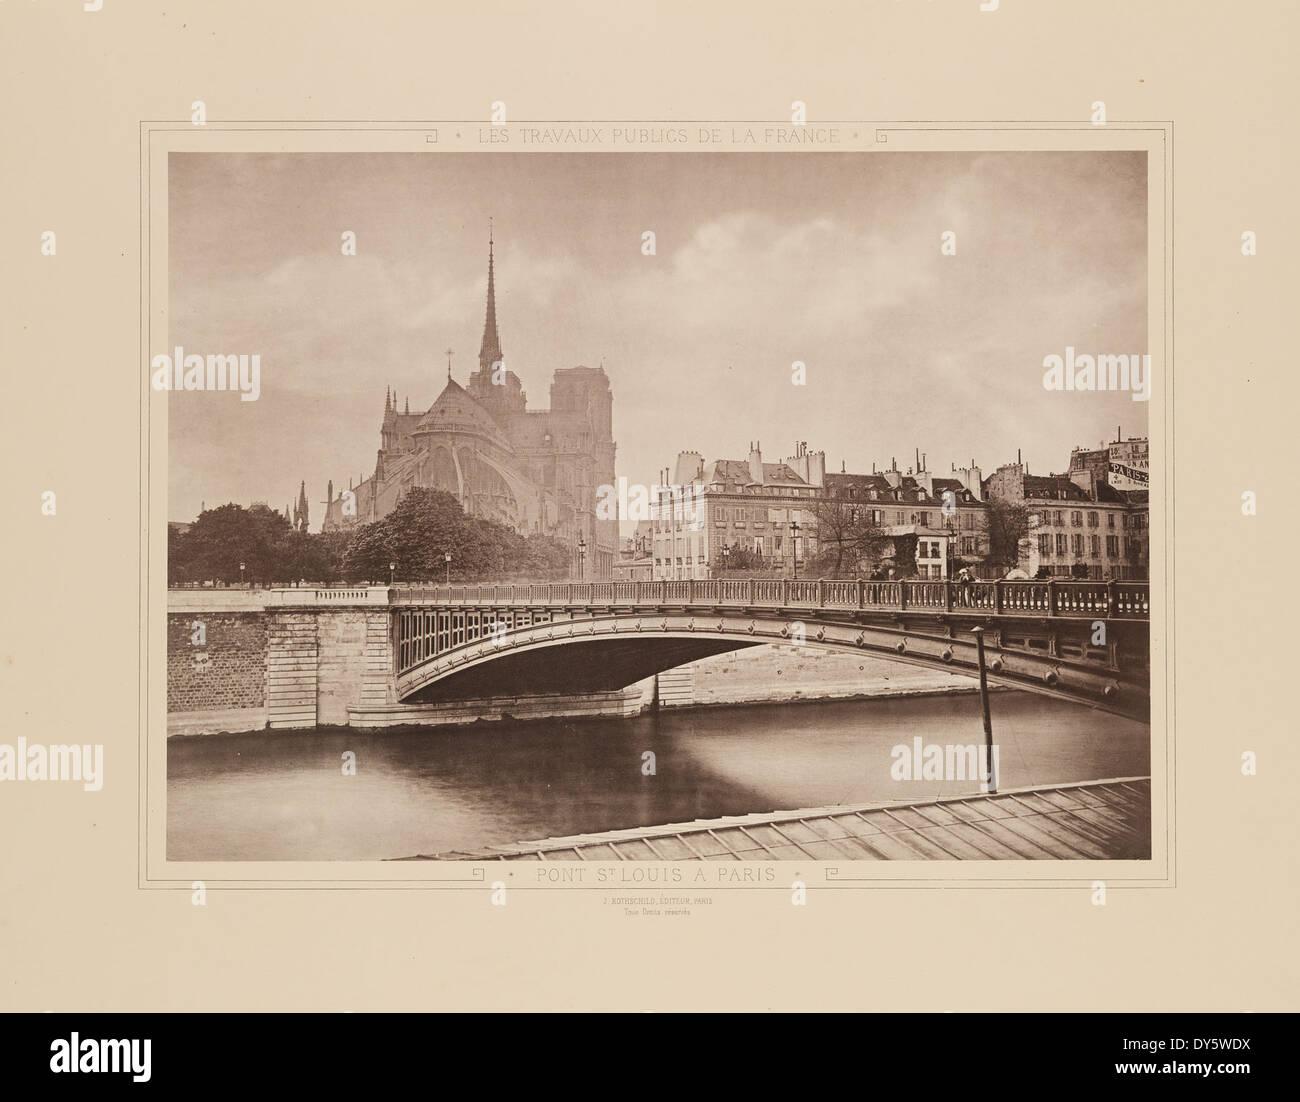 Pont St Louis a Paris - Stock Image